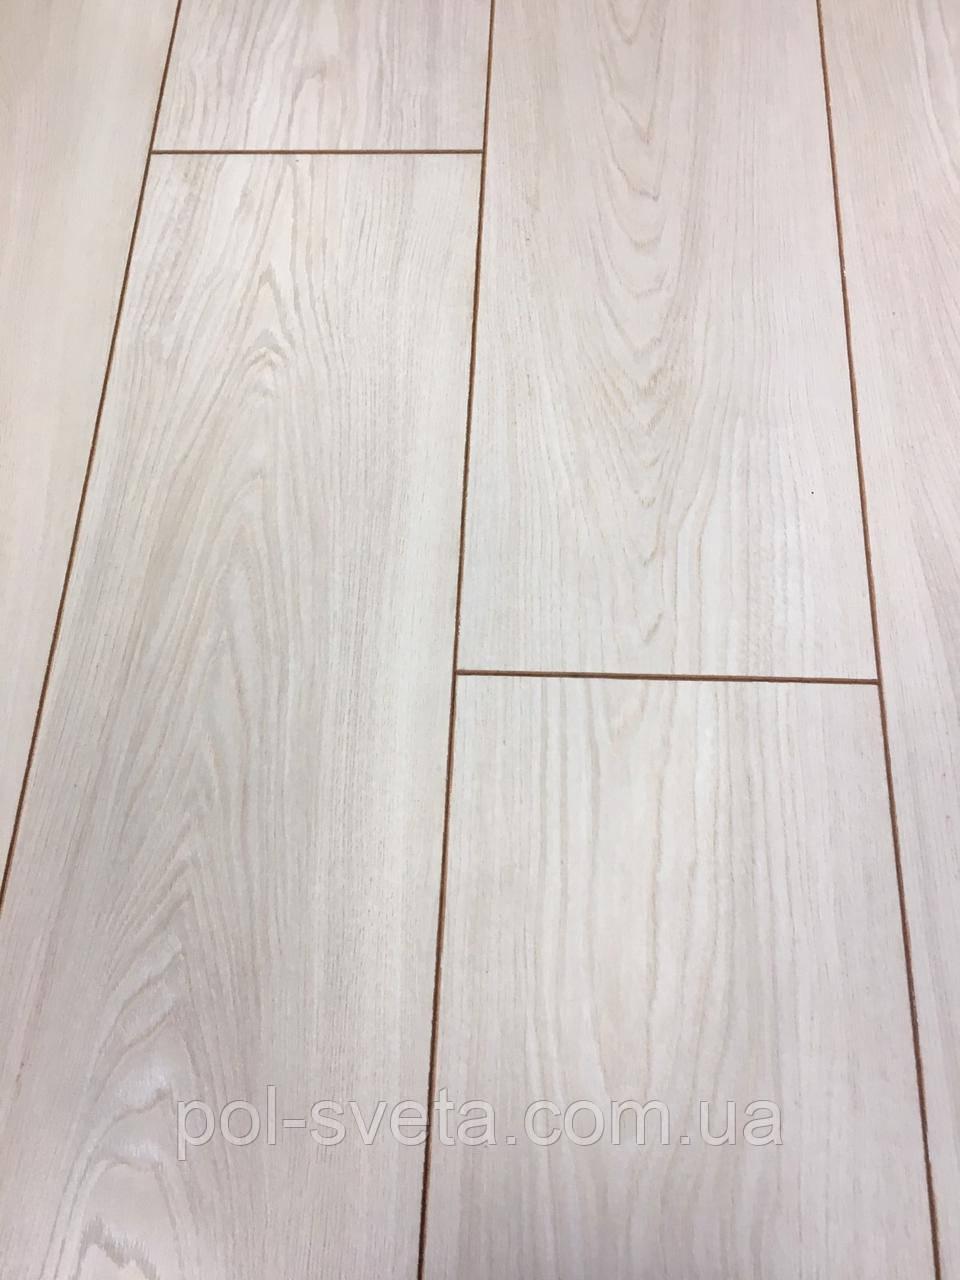 Ламинат Peli Parquet Wood Дуб Ванильный WD-4113